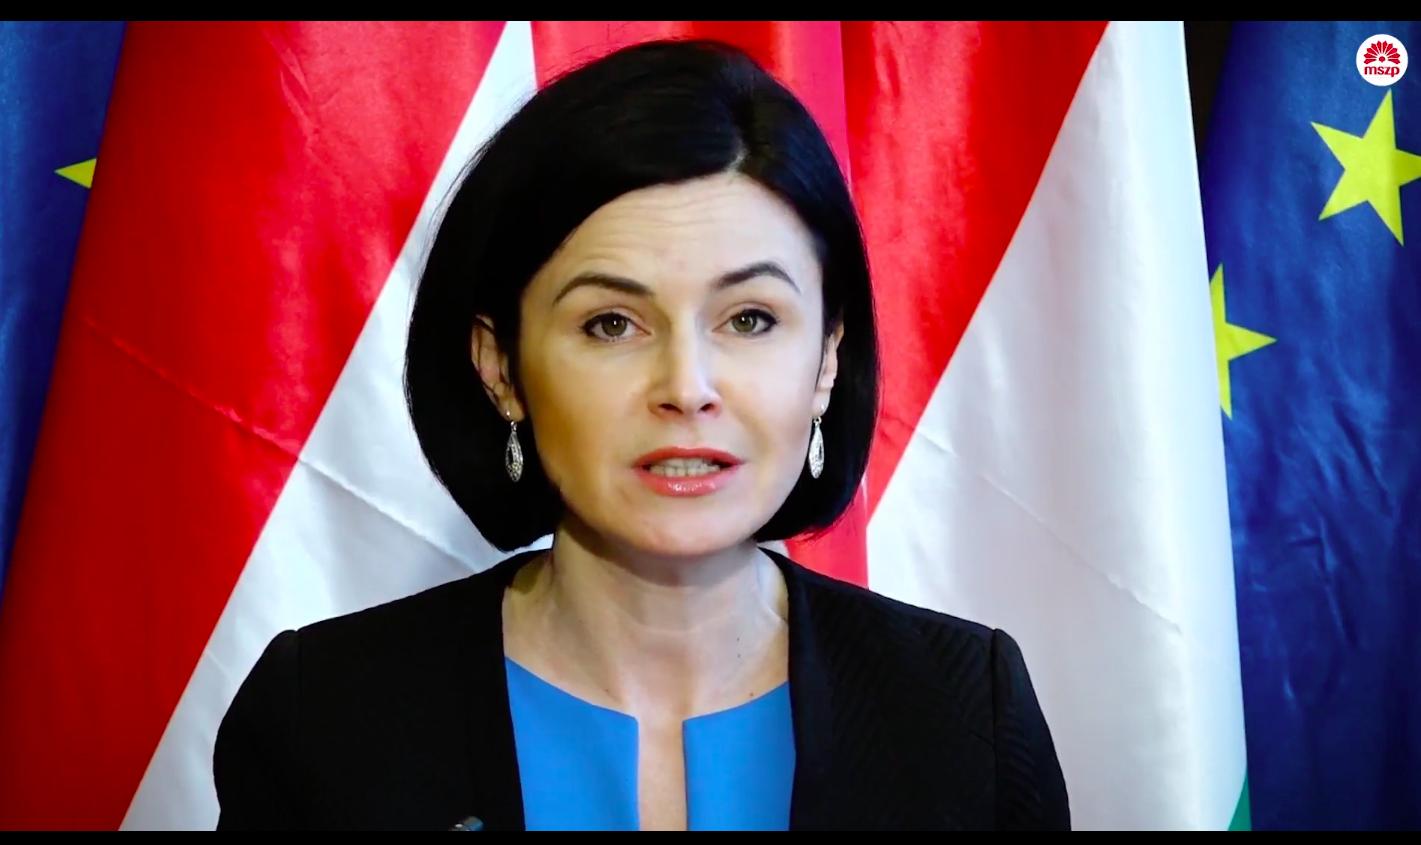 Oppositionelle Bürgermeister wollen eine nationale Solidarität